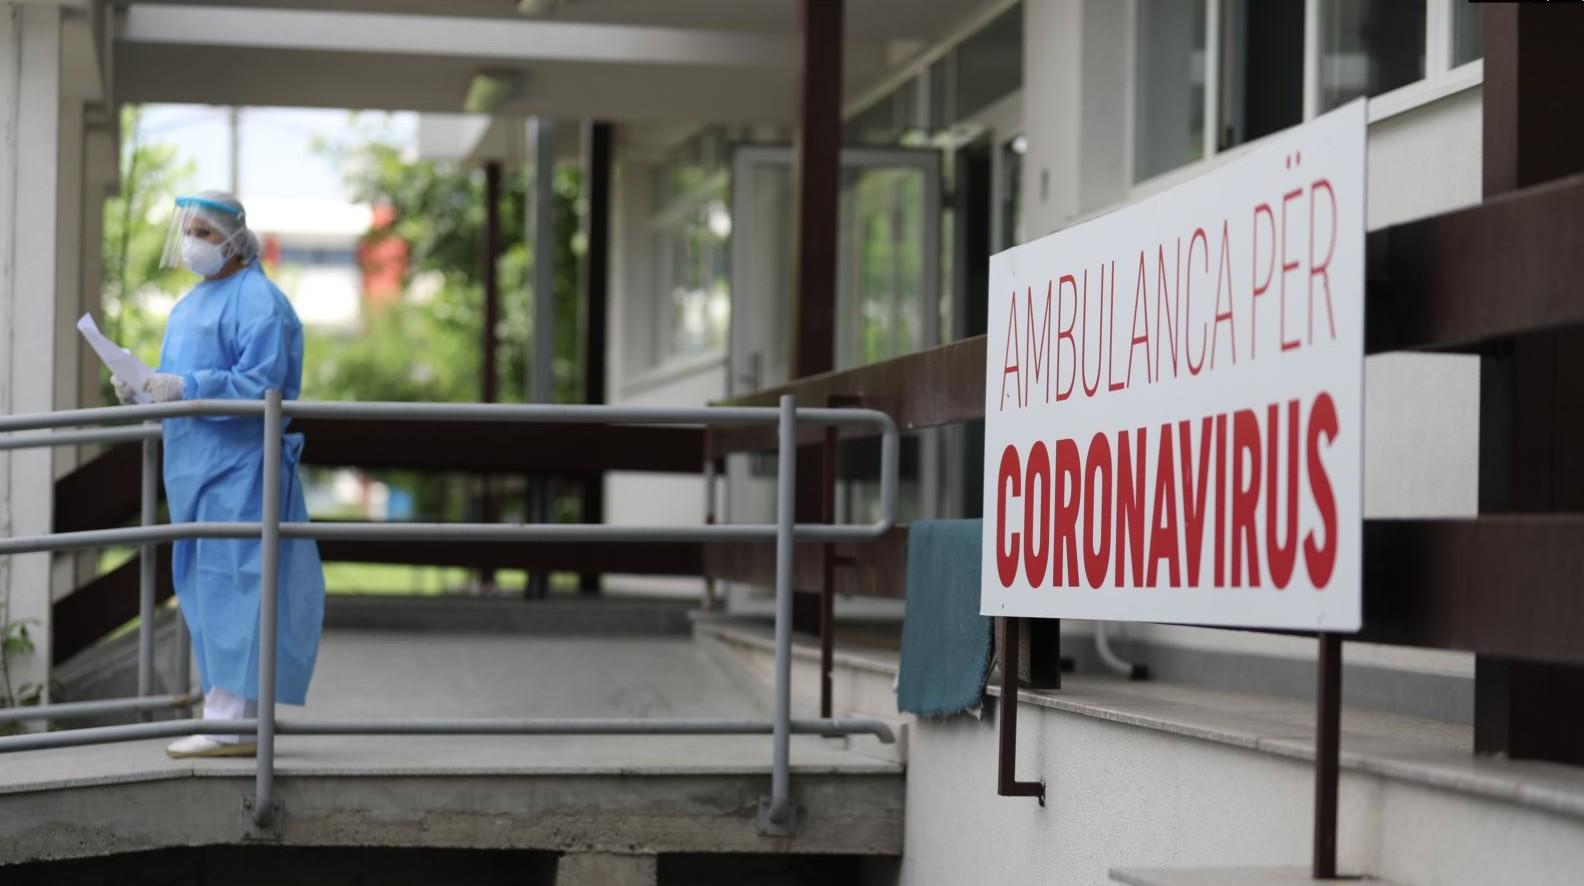 Vdesin dy pacientë në Spitalin e Gjilanit, njëri ishte i konfirmuar me COVID-19